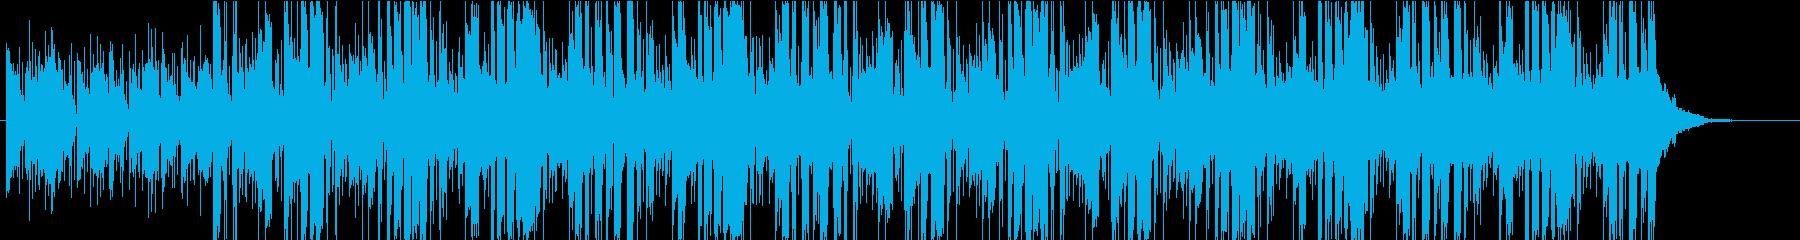 ジングル、ラジオ、時間調整、すき間クールの再生済みの波形